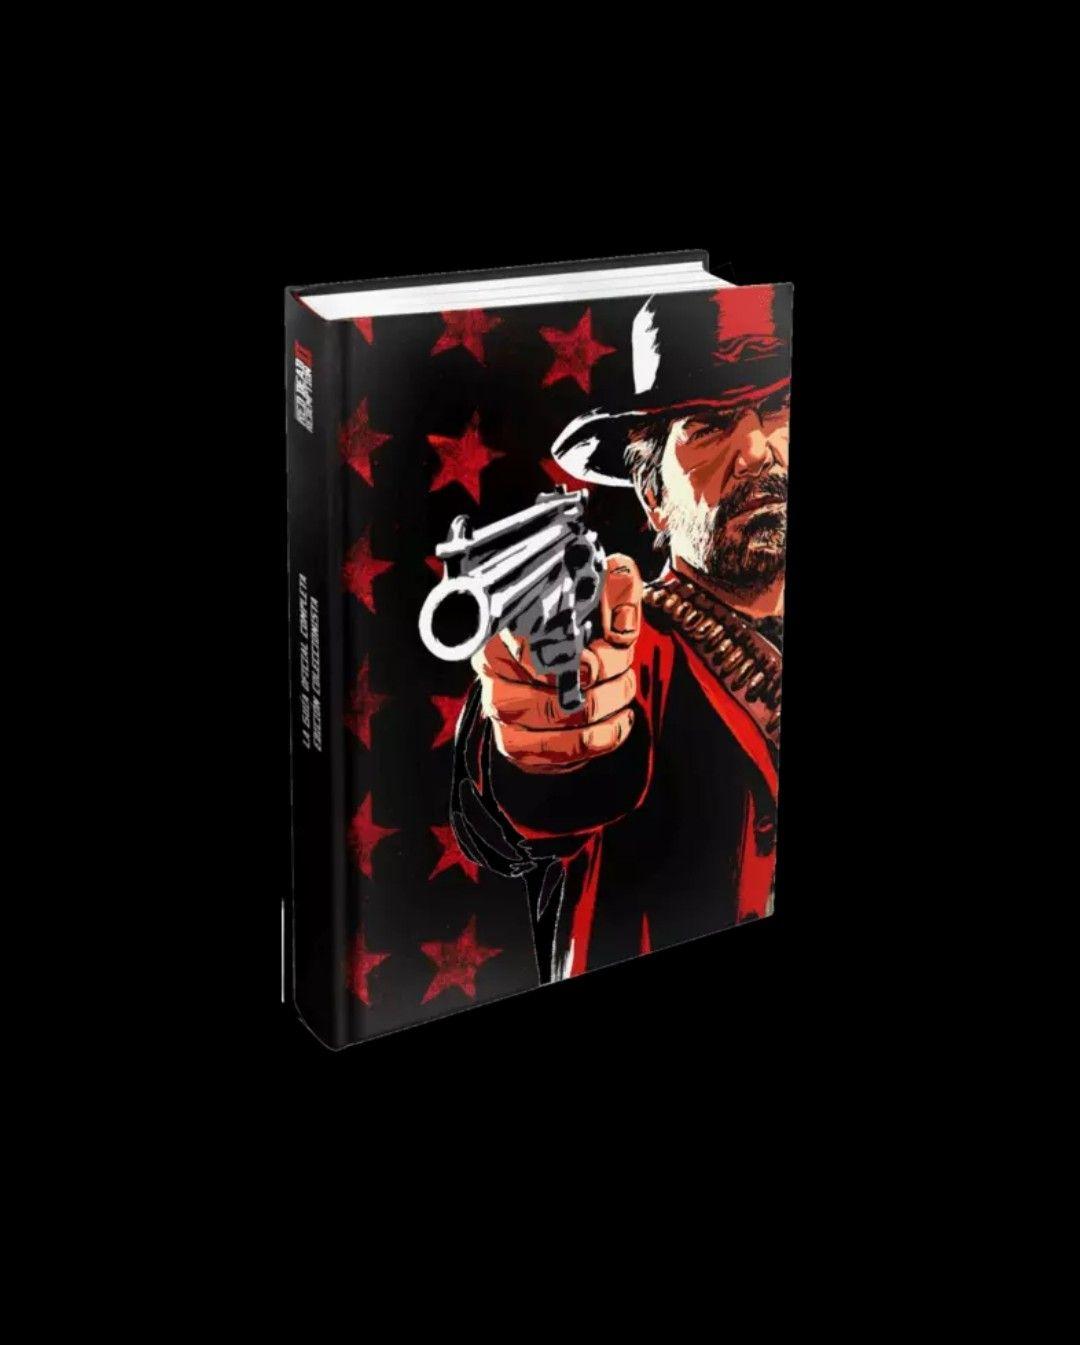 Guía Red dead redemption 2 edición coleccionista